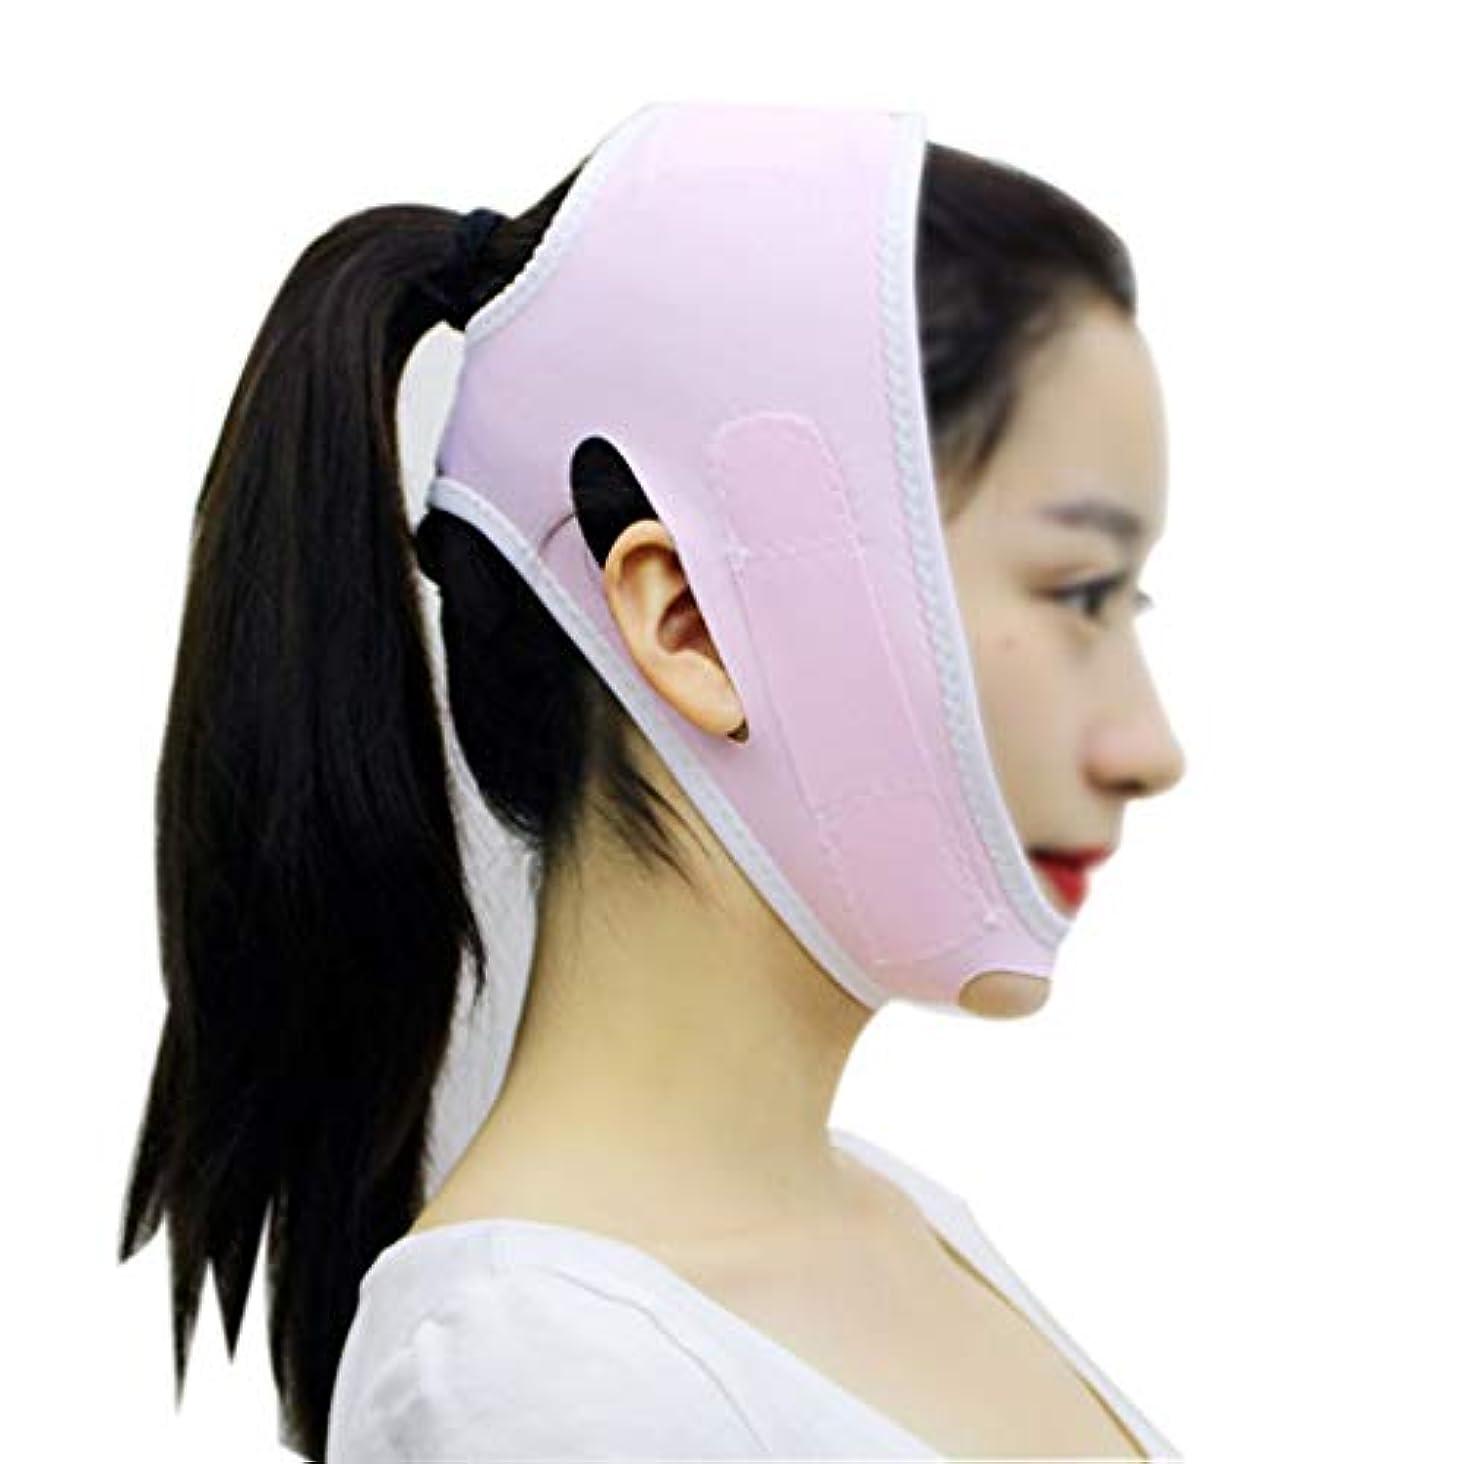 マサッチョ電話魅力的TLMY 引き締め肌の薄い二重あごマスクを強化するためのフェイスリフティング包帯回復マスク 顔用整形マスク (Color : Pink)